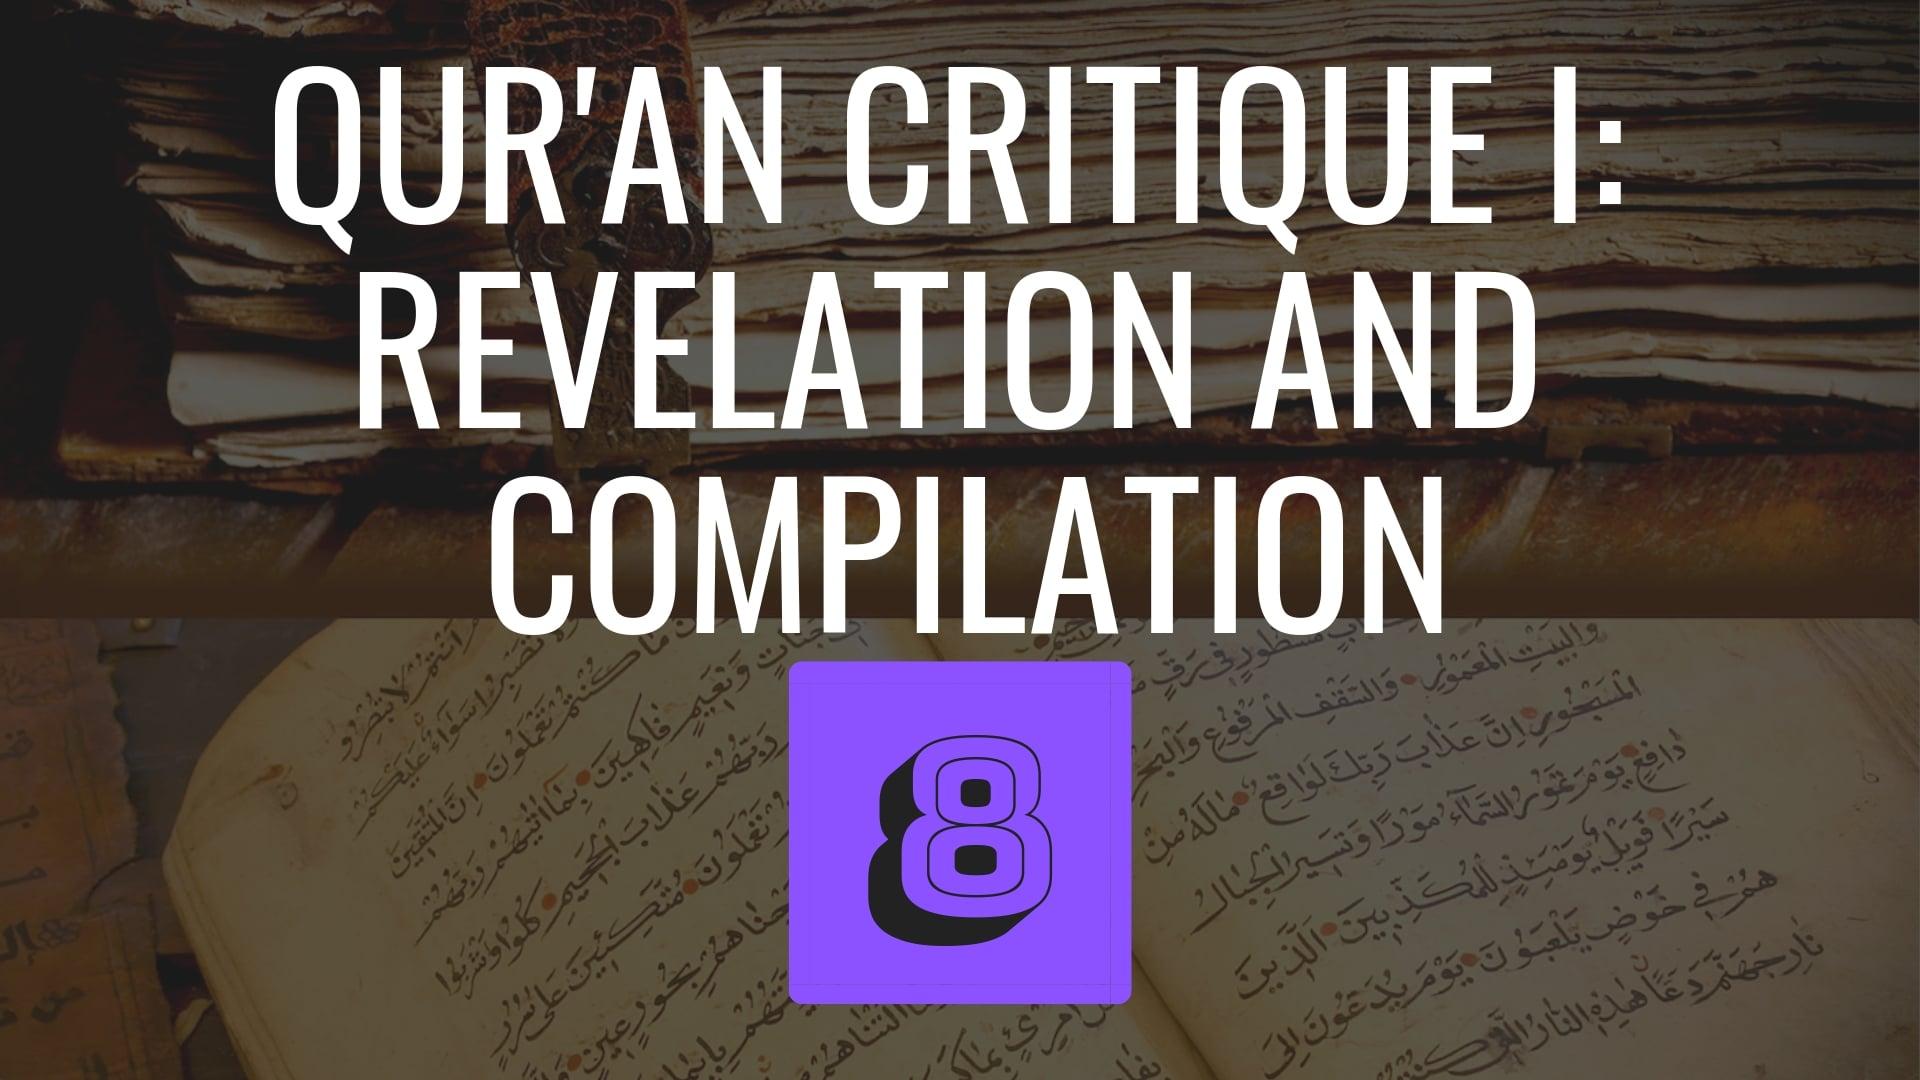 Qur'an Critique Part 1: Revelation and Compilation